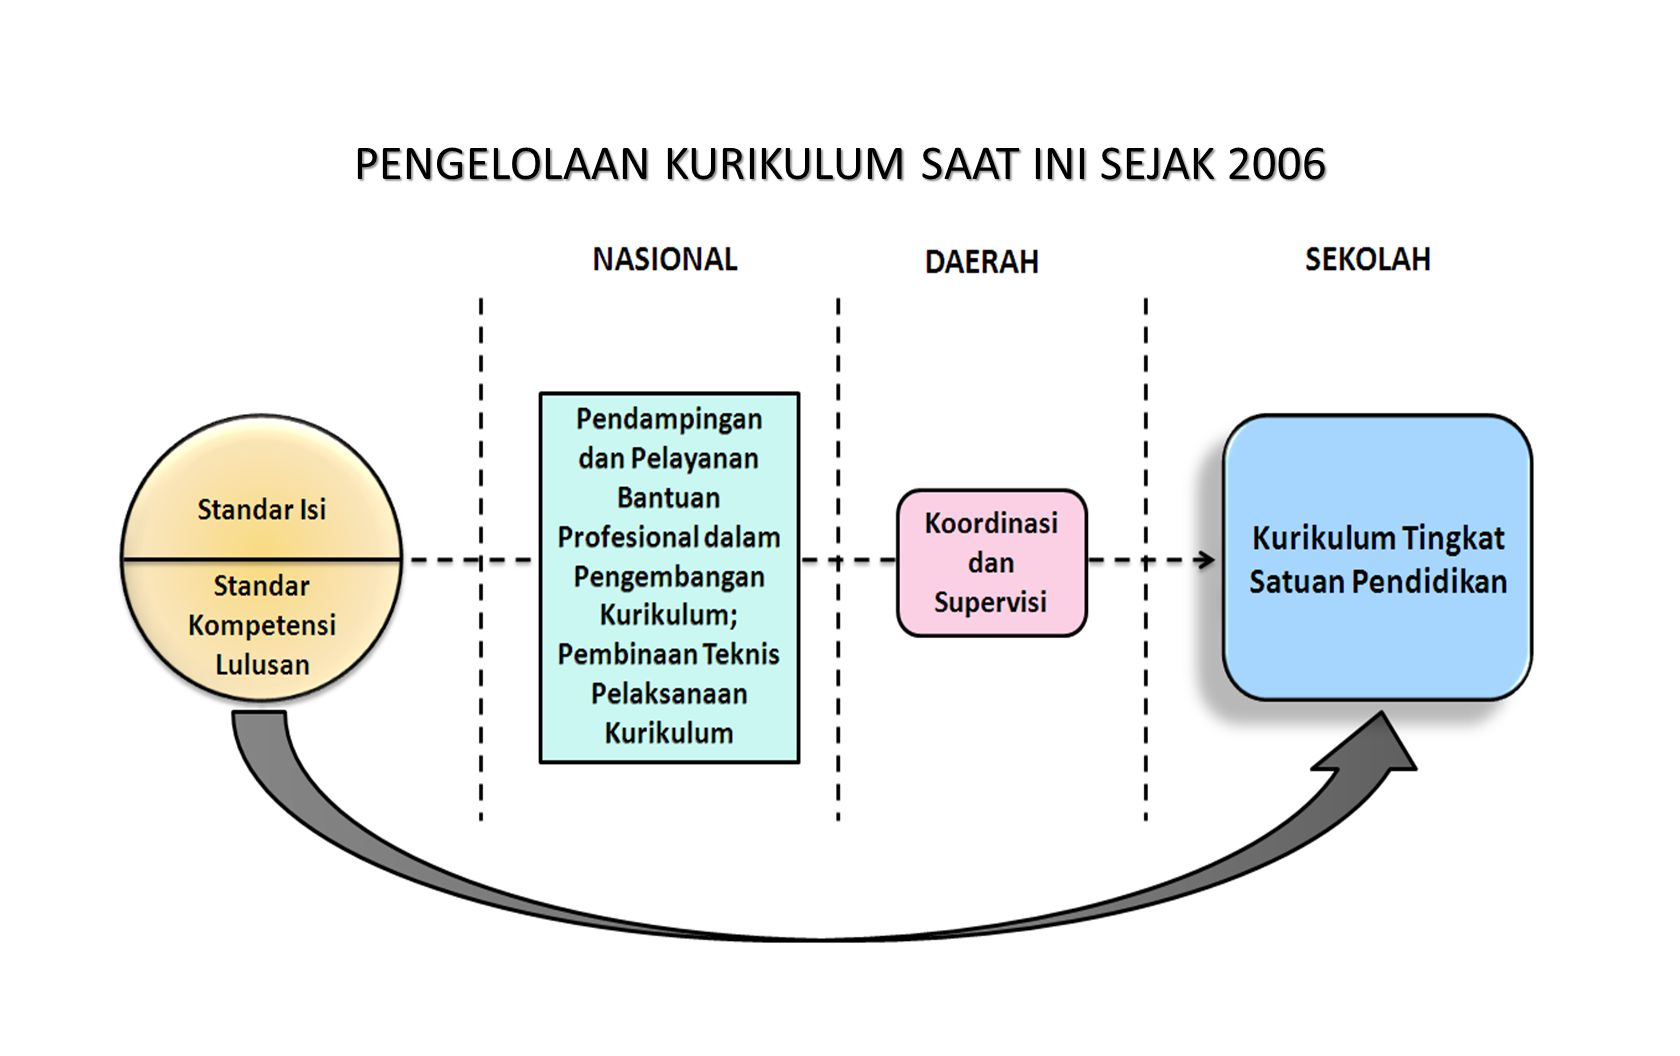 PENGELOLAAN KURIKULUM SAAT INI SEJAK 2006